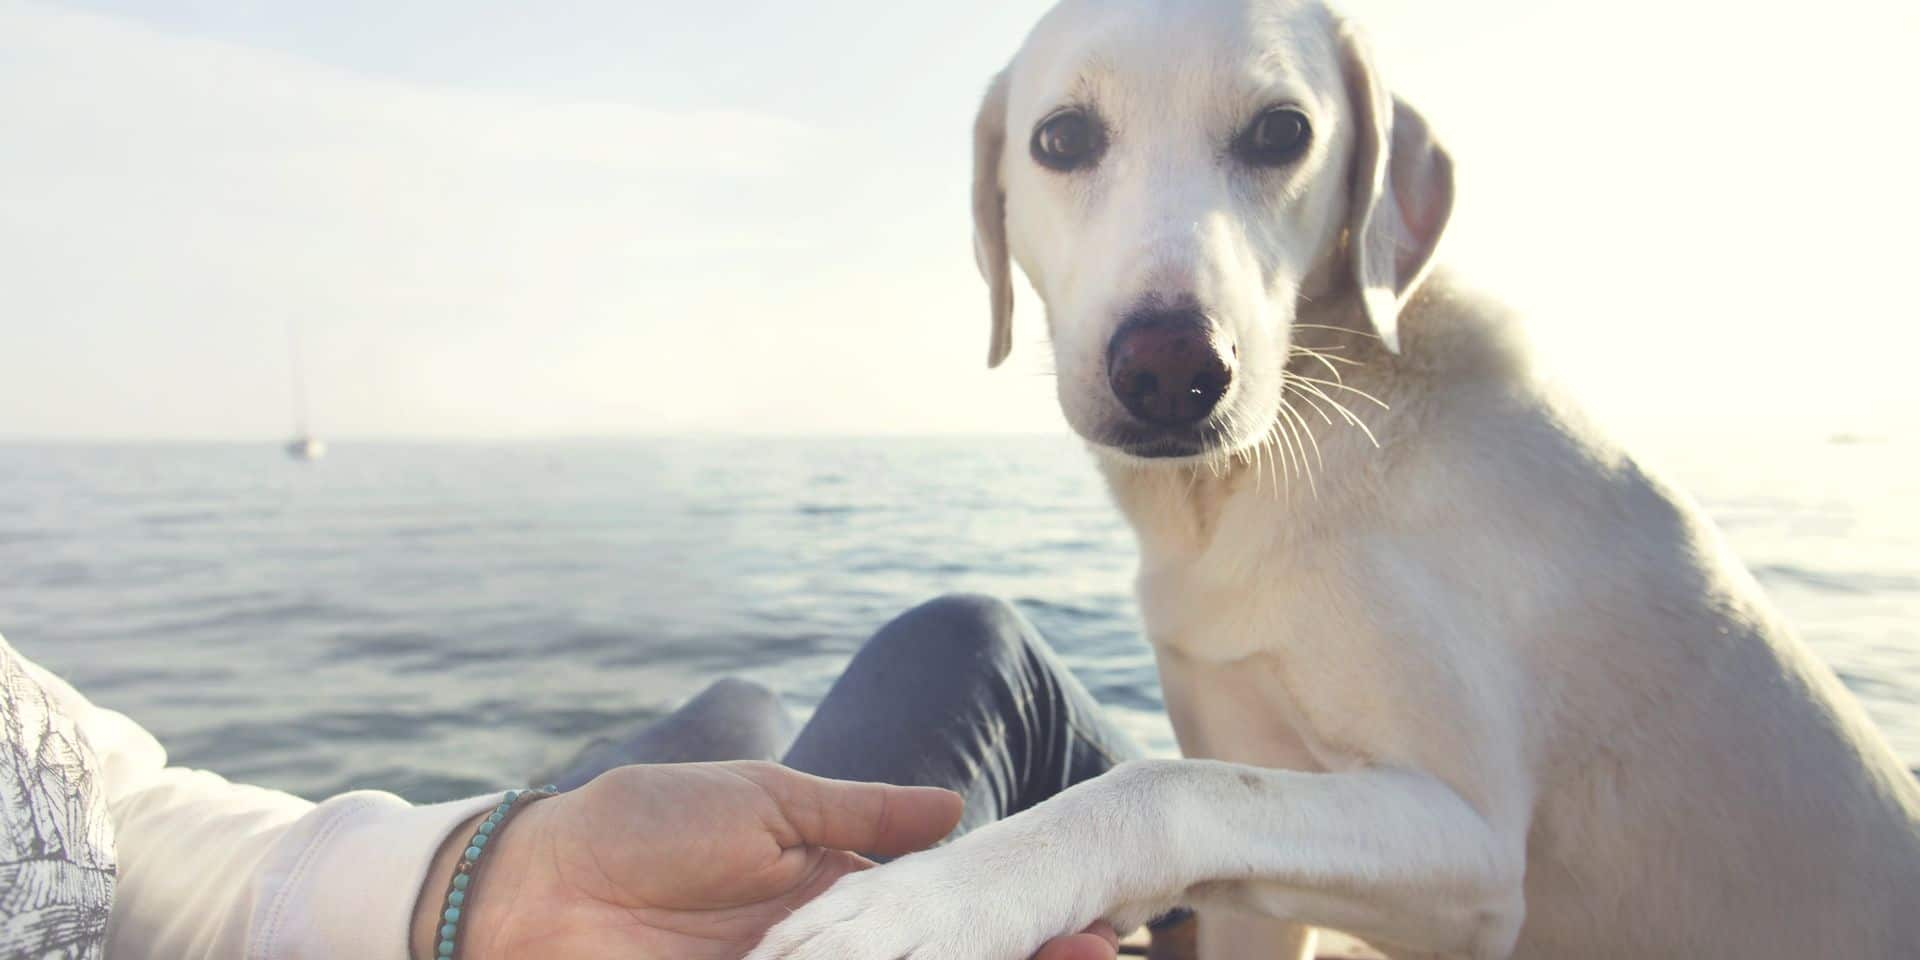 Un homme dans le plâtre dépense 400 euros chez le vétérinaire, son chien boîtait pour l'imiter